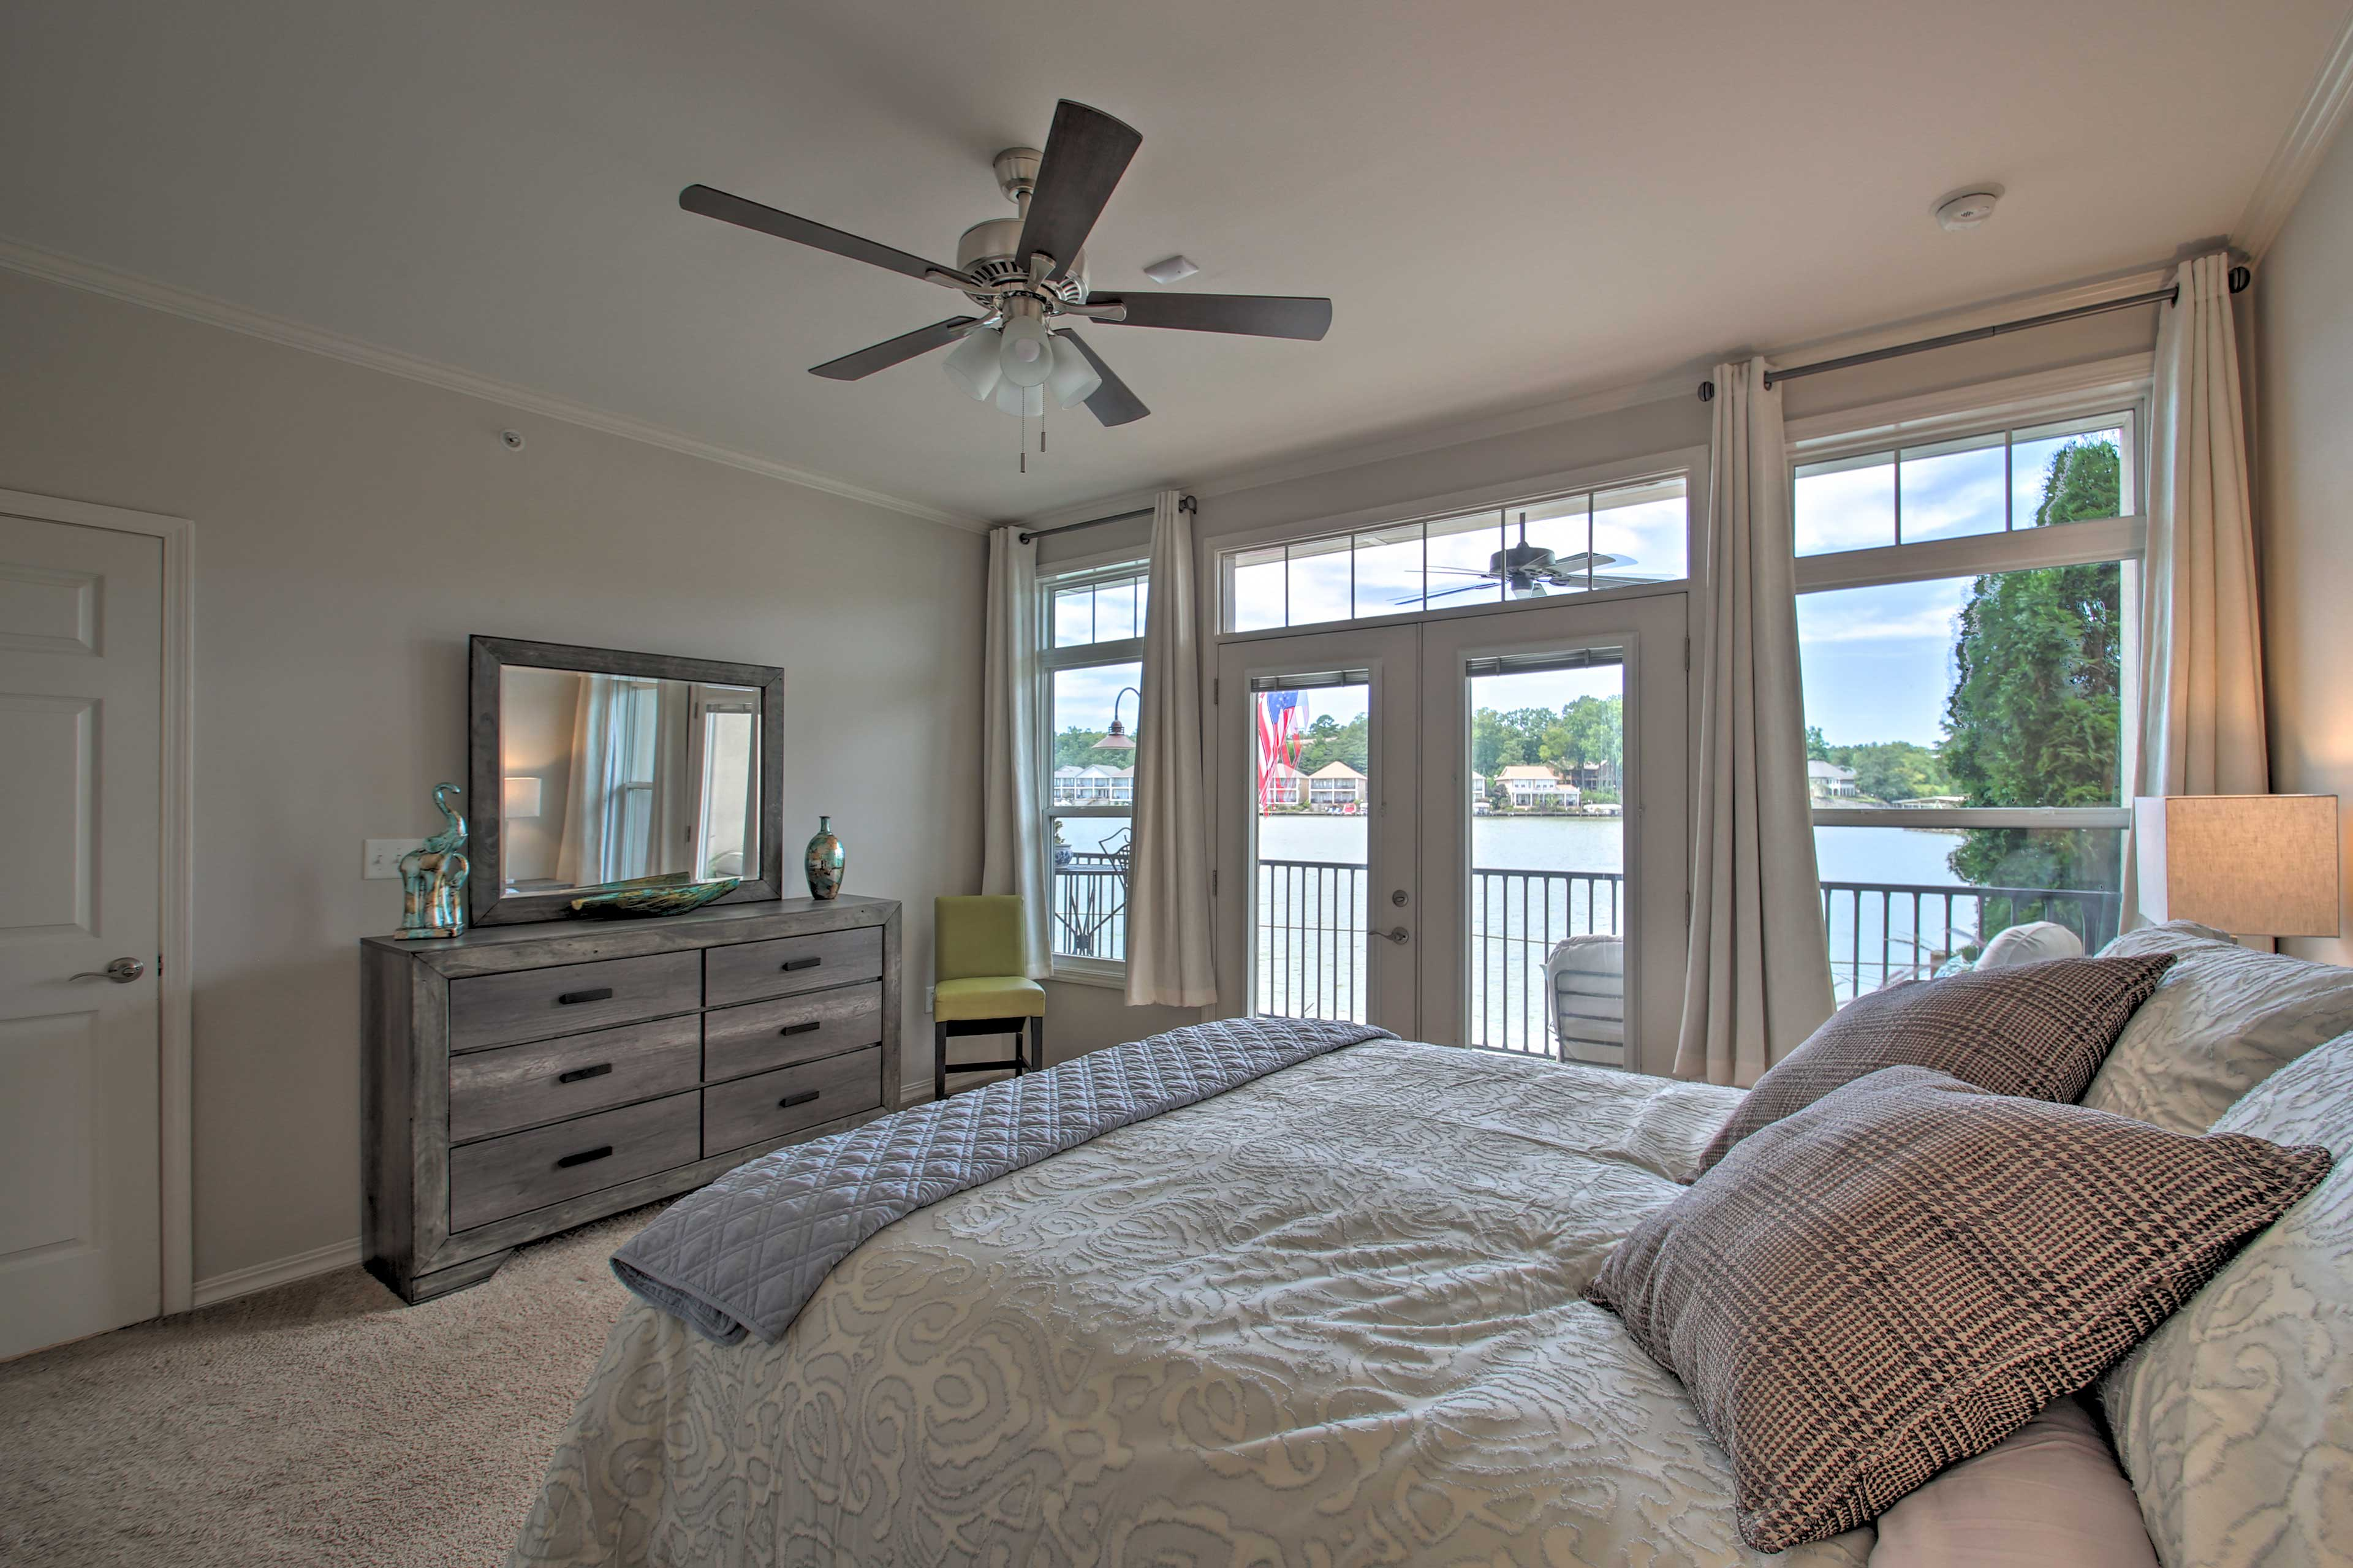 The master bedroom has a queen bed, en-suite bathroom and balcony access.